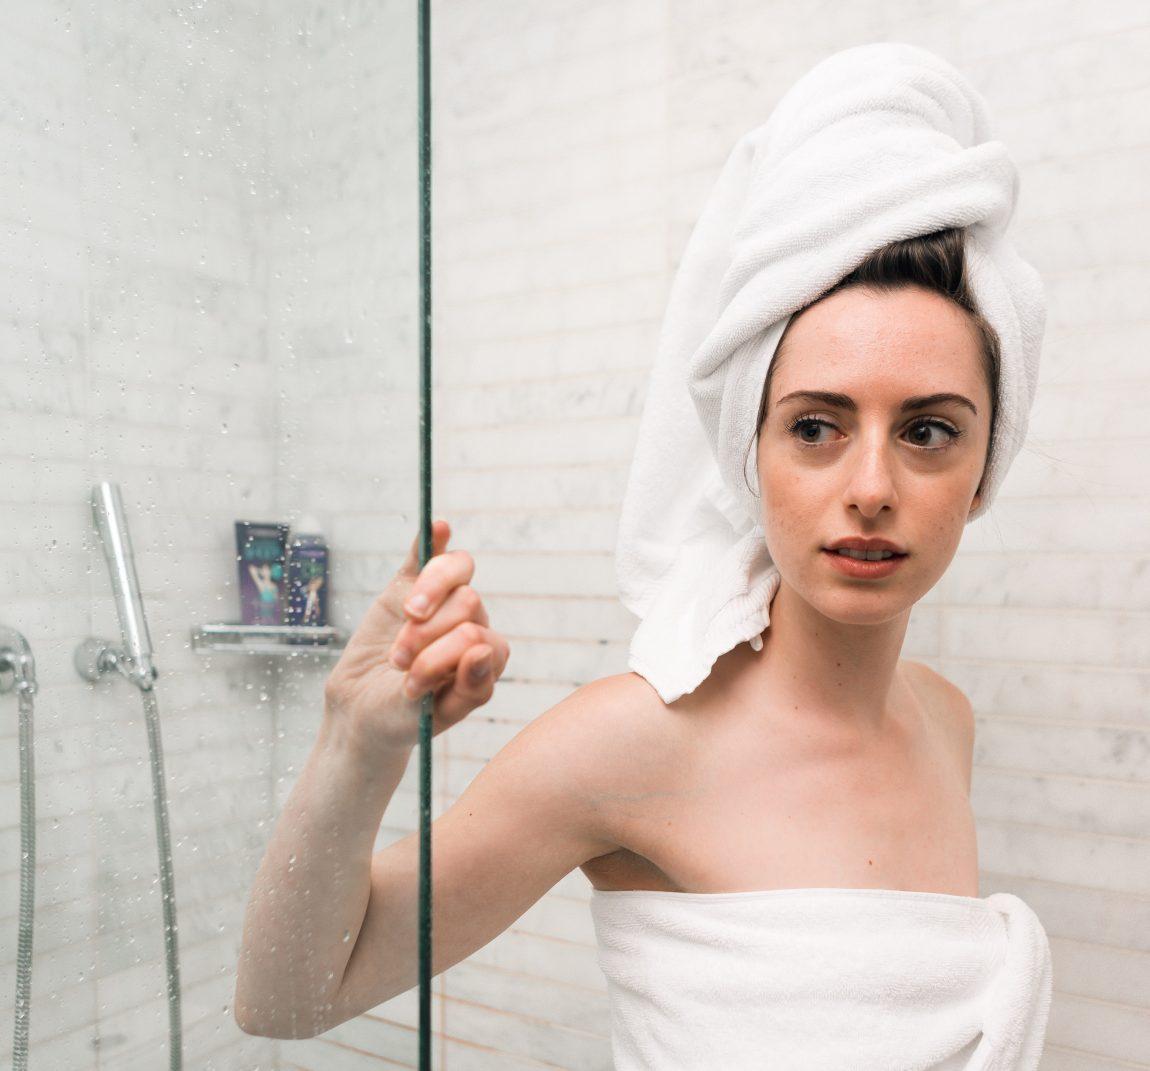 Intimhygiene bei Blasenentzündung blasenentzuendungheilen harnwegsinfekt harnwegsinfektion intimseife unterwäsche vaginalflora